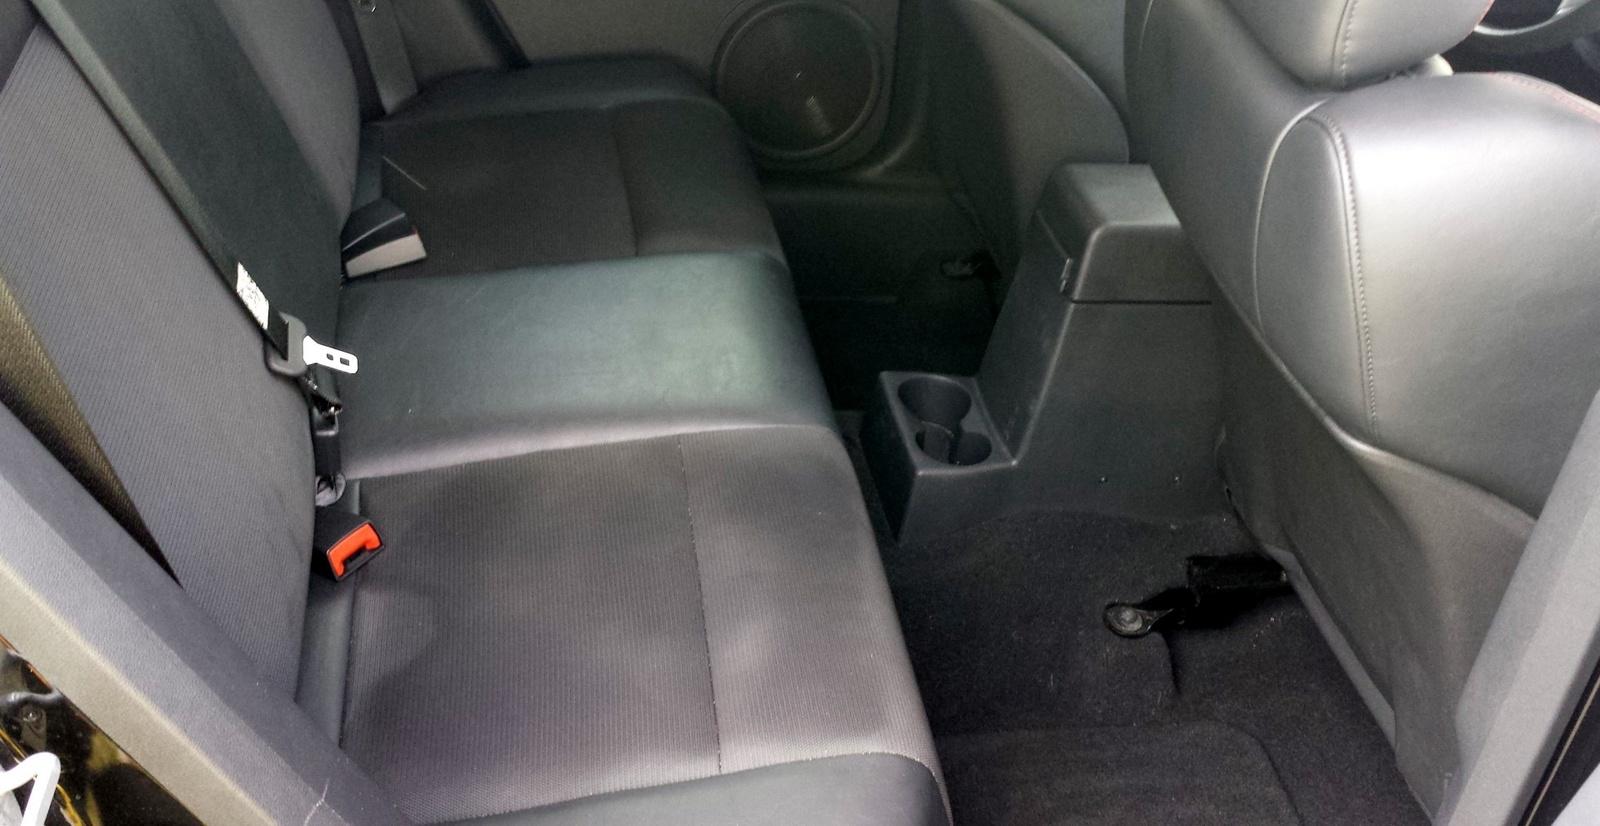 Dodge Caliber Srt Pic on 07 Dodge Caliber Interior